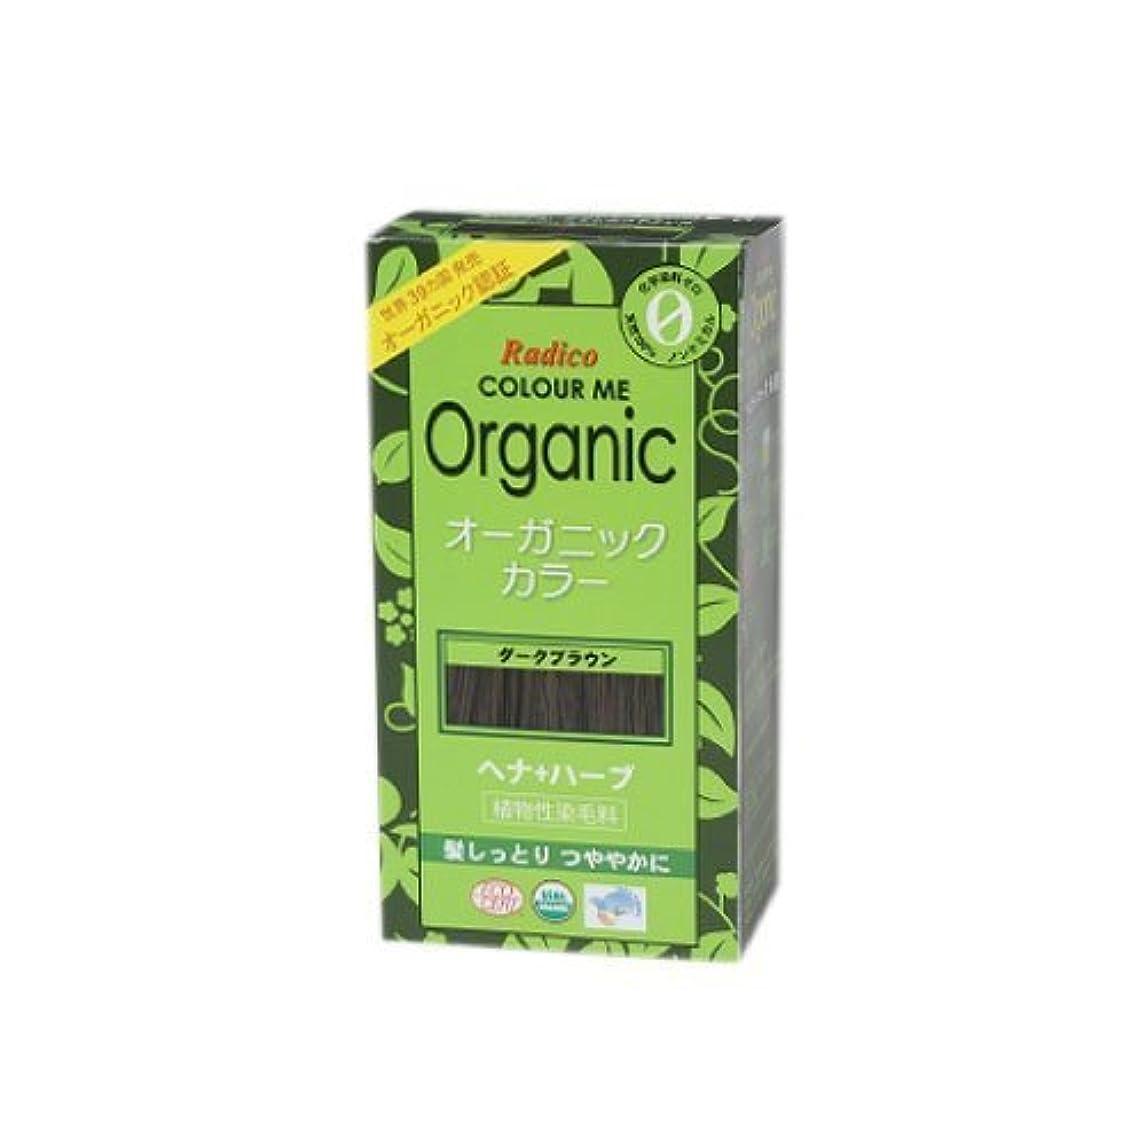 独特の気取らない眼COLOURME Organic (カラーミーオーガニック ヘナ 白髪用) ダークブラウン 100g